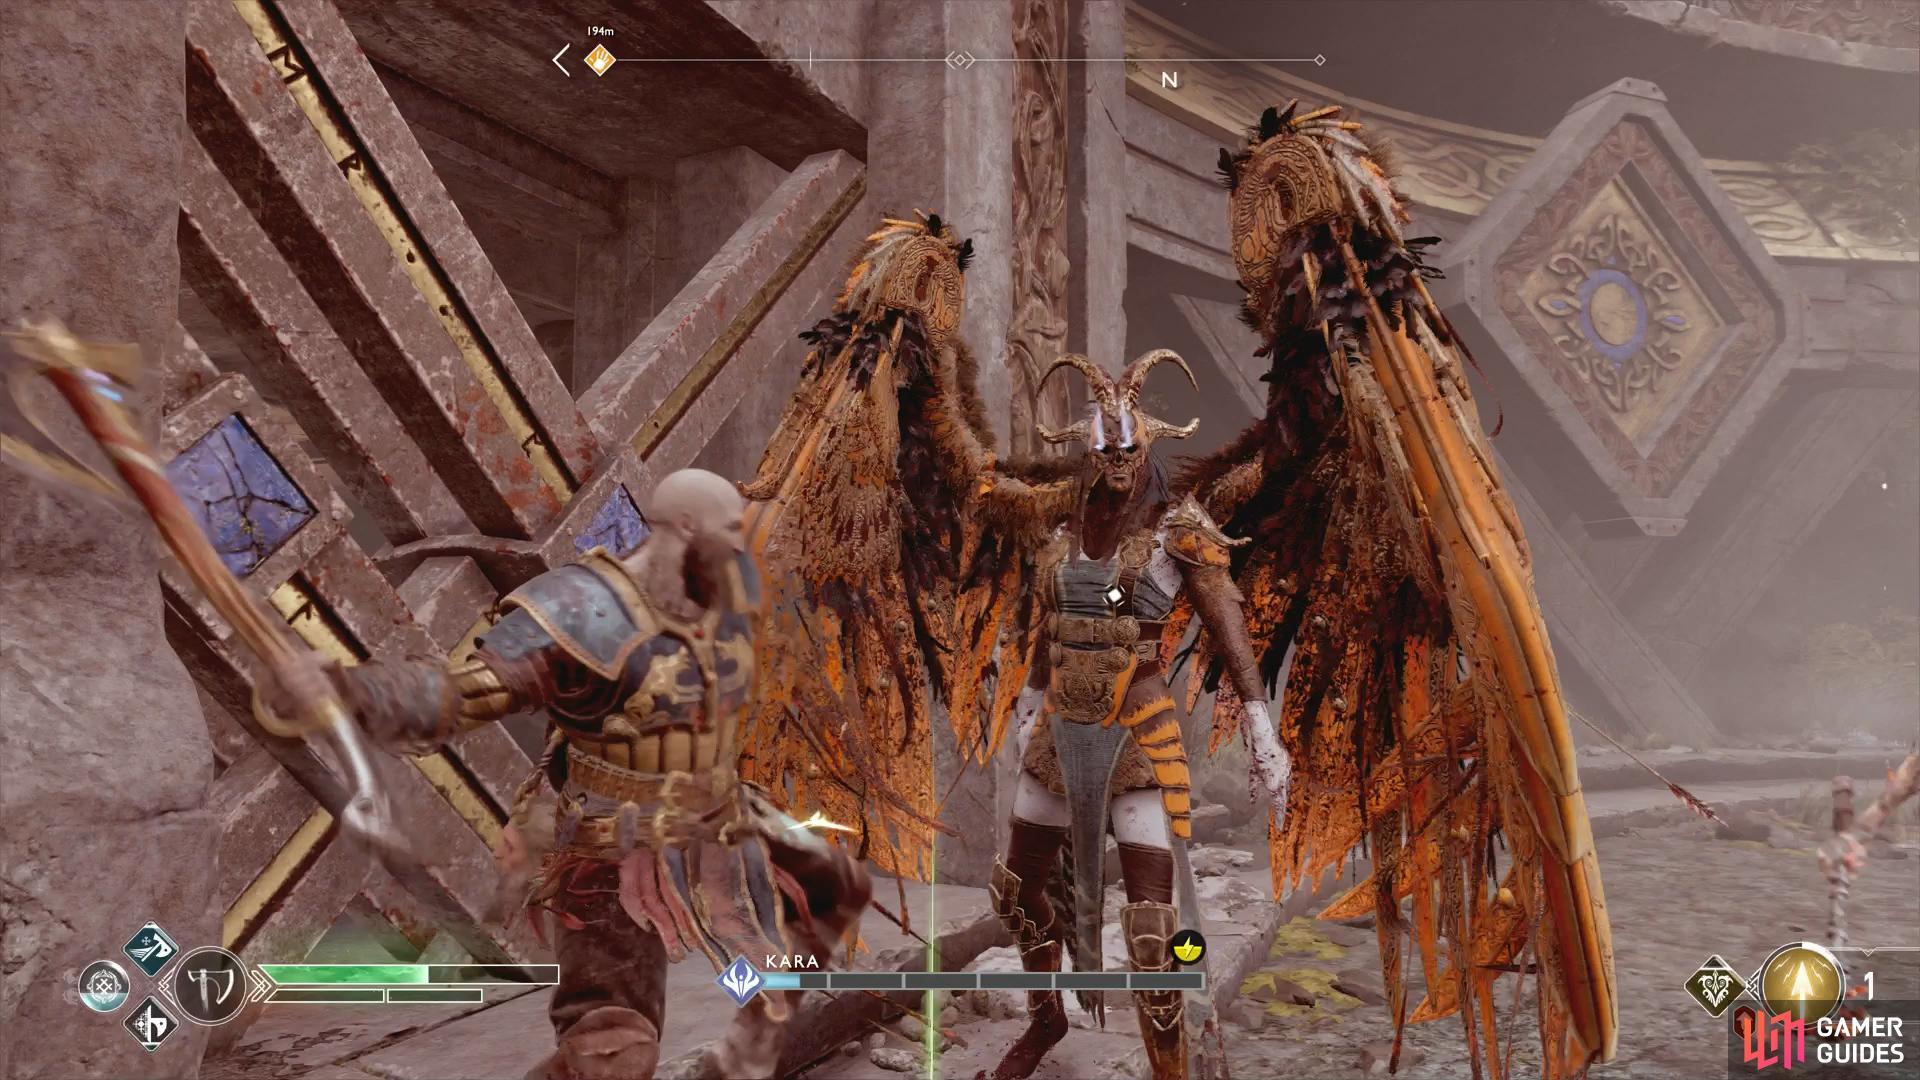 God of war valkyrie kara | God of War Hidden Chambers & Valkyrie